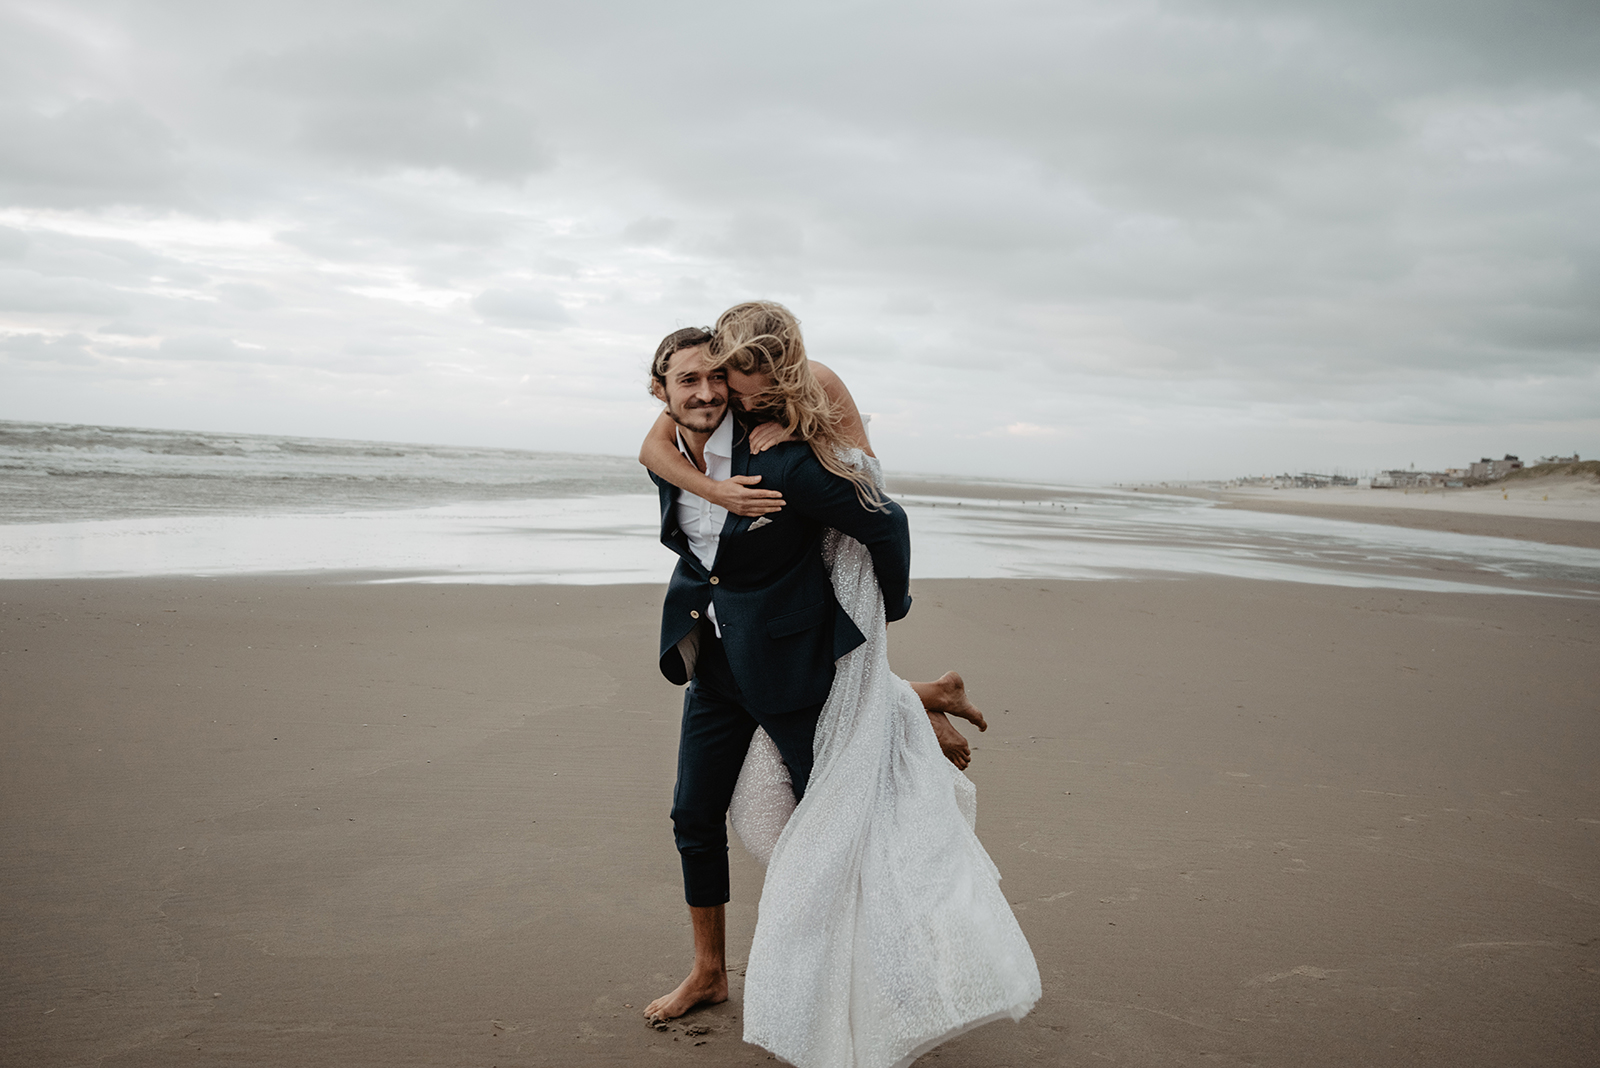 Als Hochzeitsfotografin biete ich Hochzeitsreportagen in Koeln, NRW und Europaweit an.